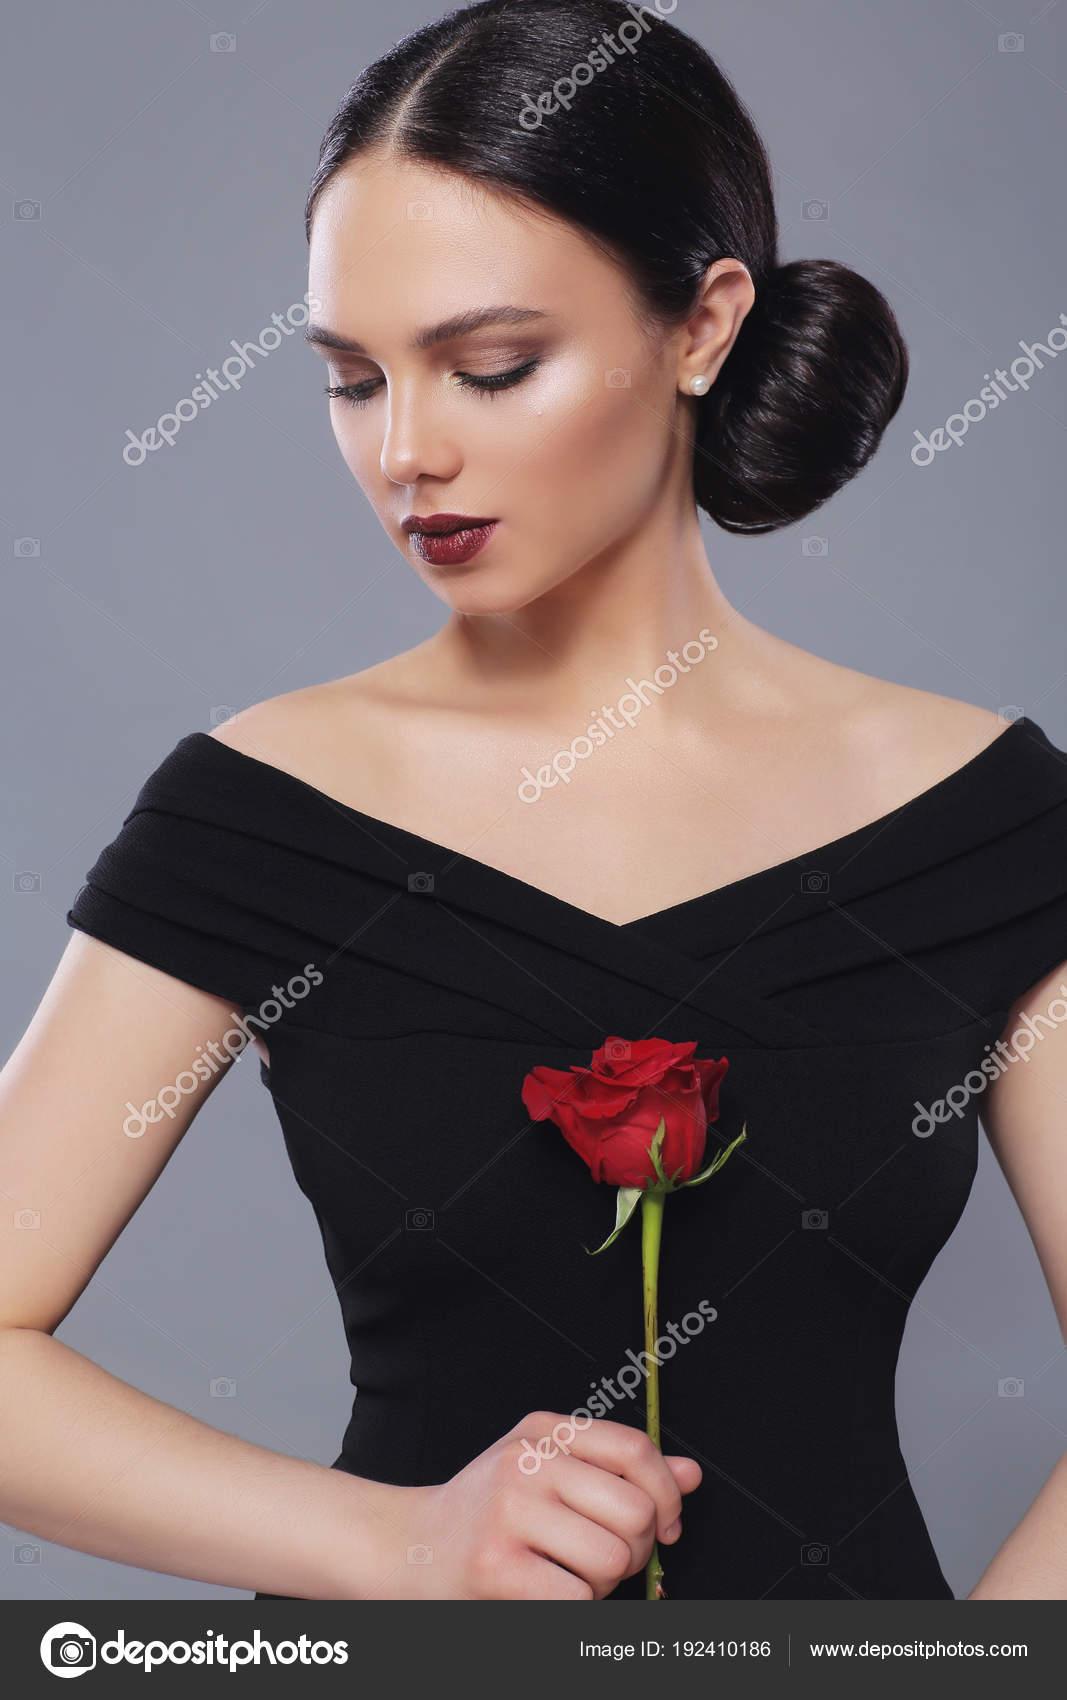 fiatal gyönyörű fekete nőszűk nedves punci képek